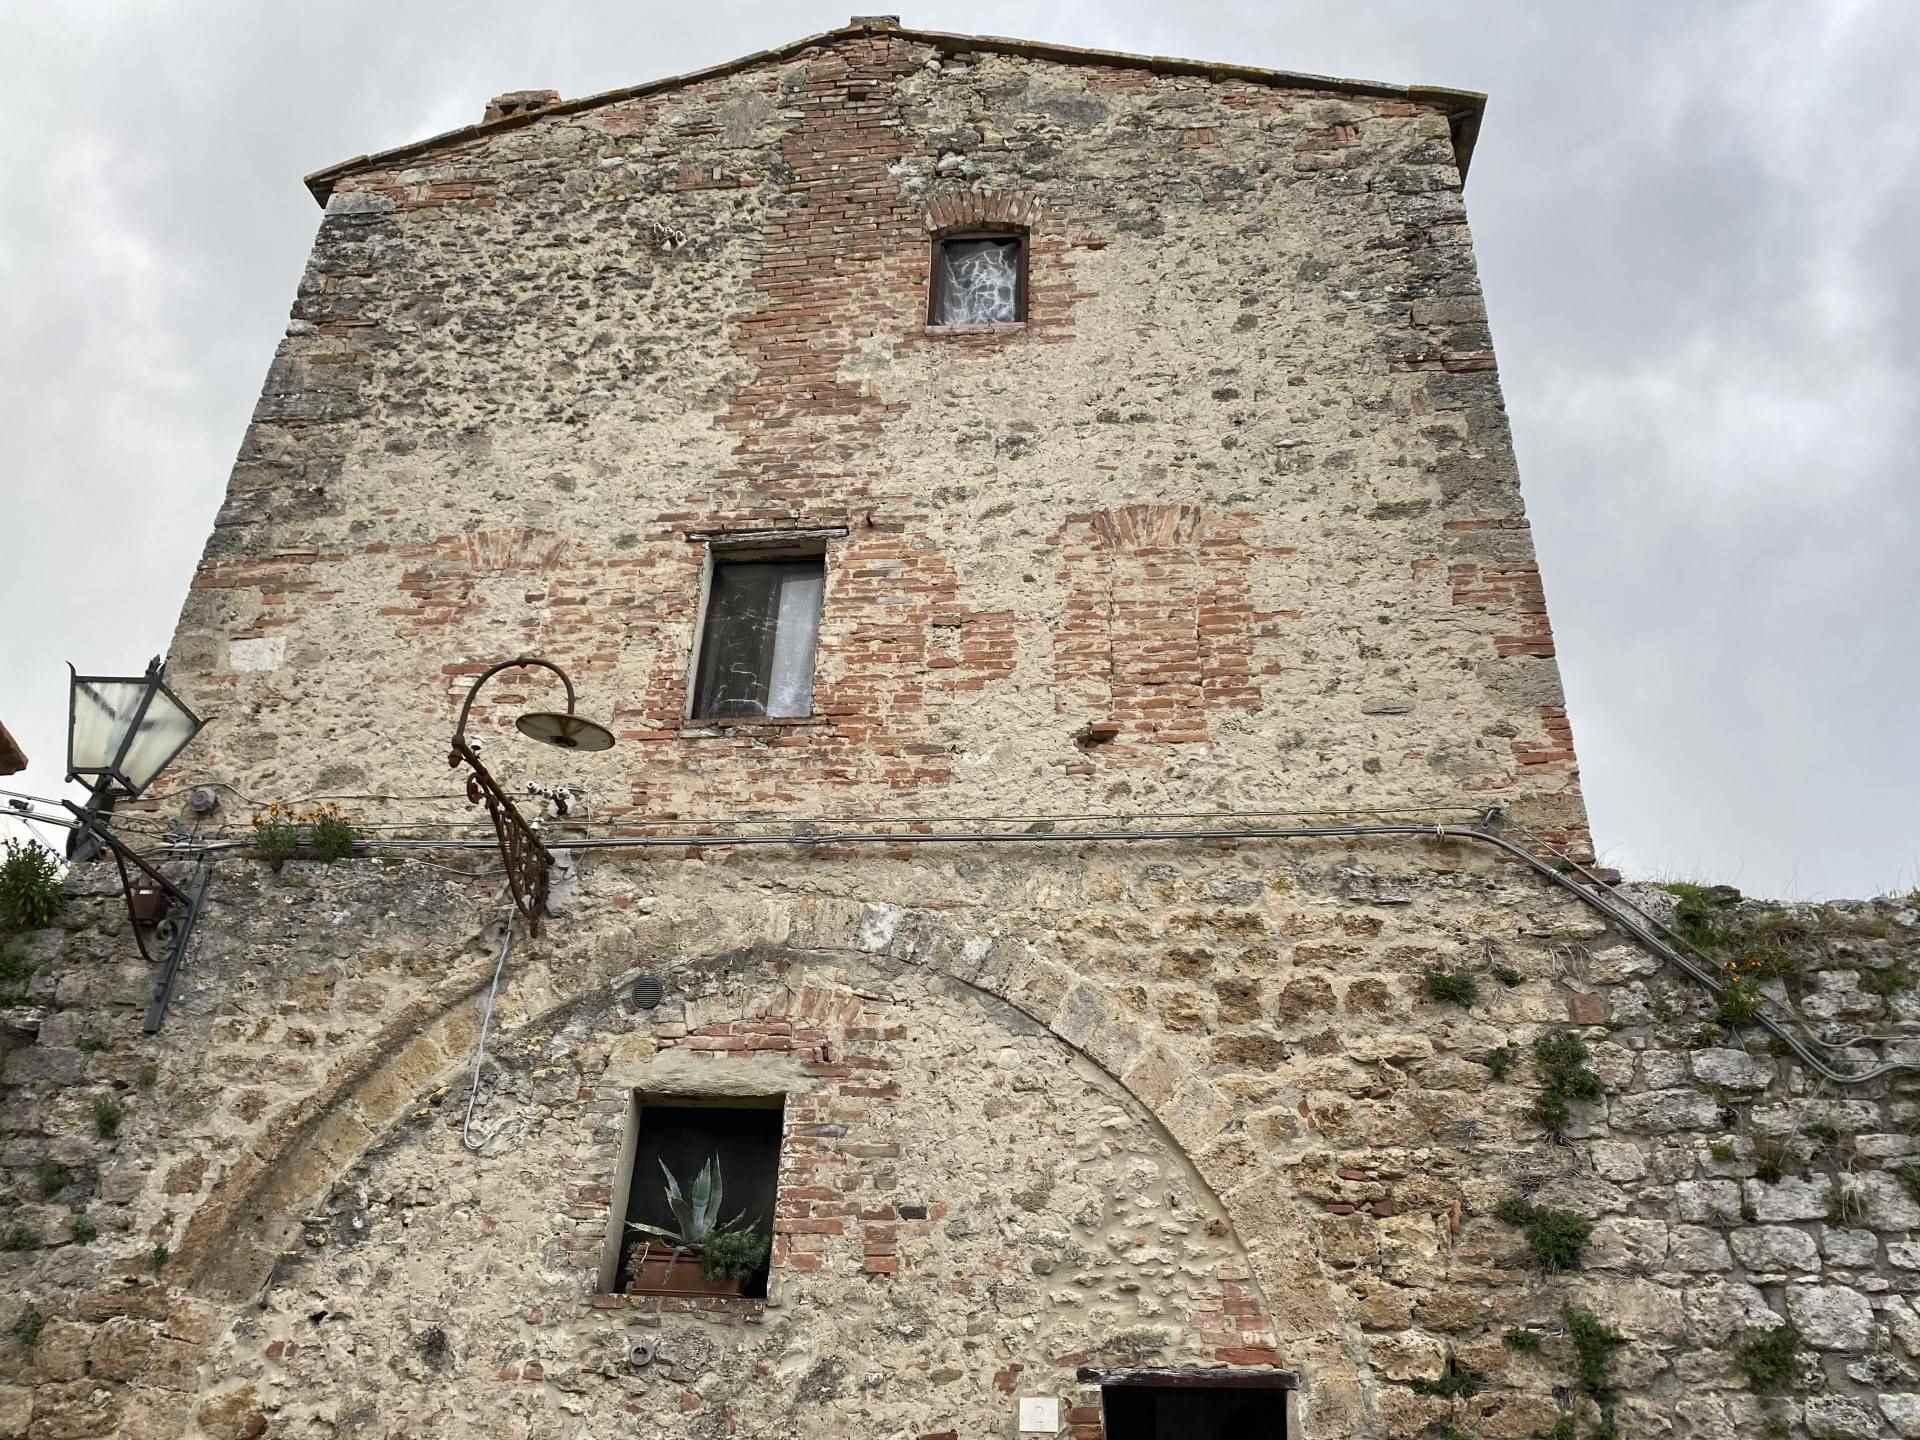 Antica torre in pietra risalente all'anno 1200, parte integrante dell'antica cinta muraria di un piccolo ma ben fornito paese. Disposta su tre